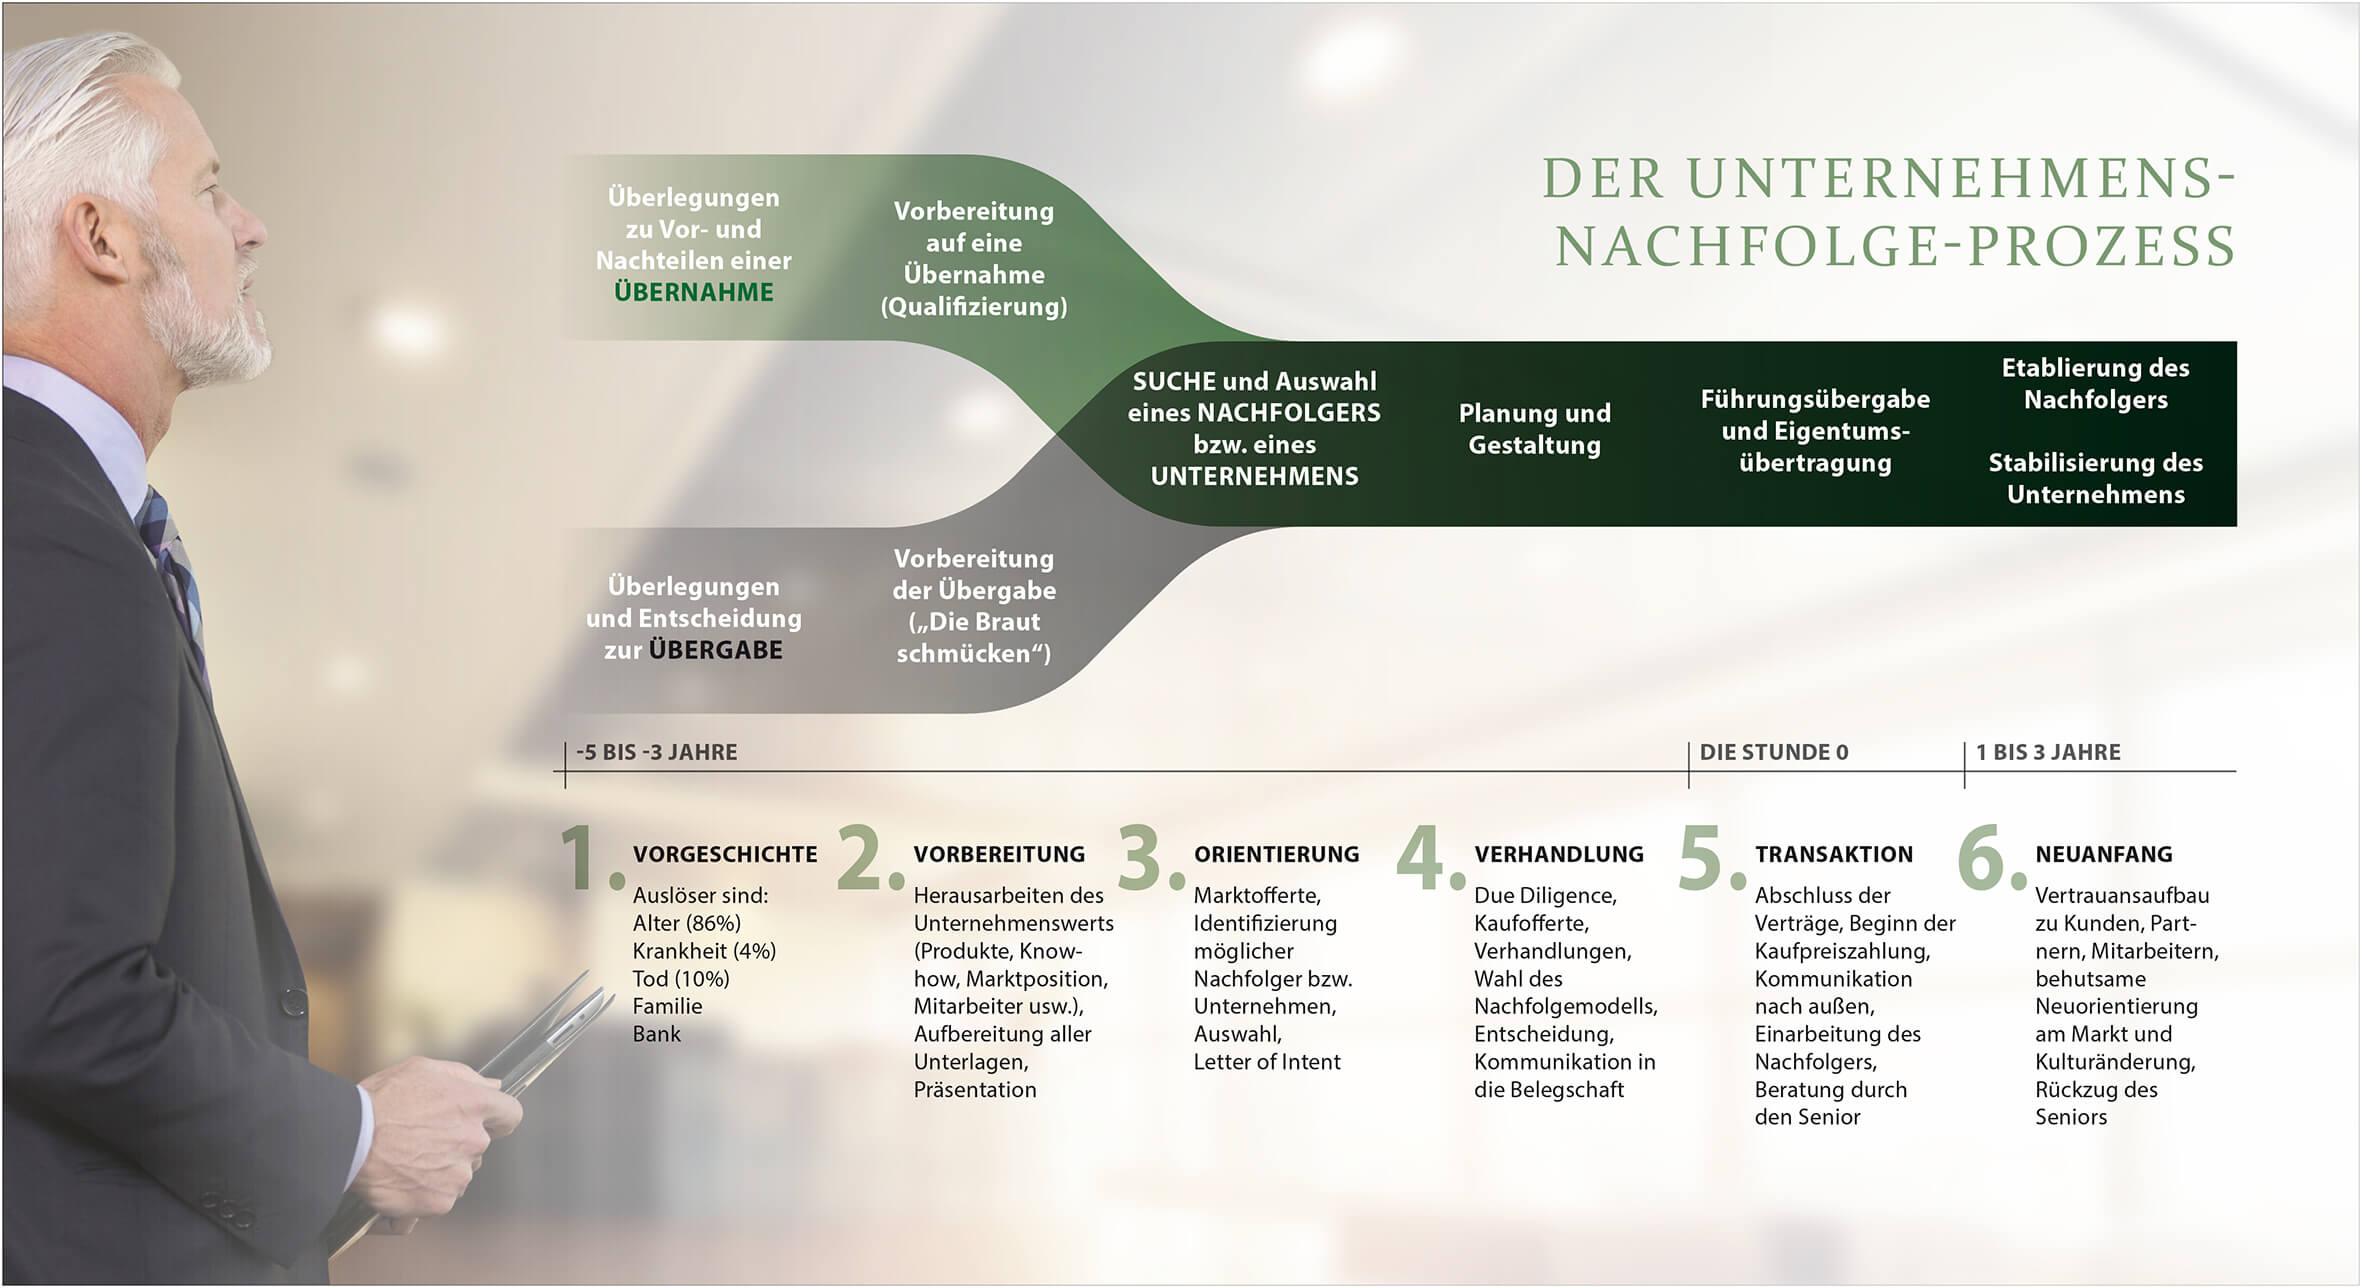 Unternehmensnachfolge-Prozess